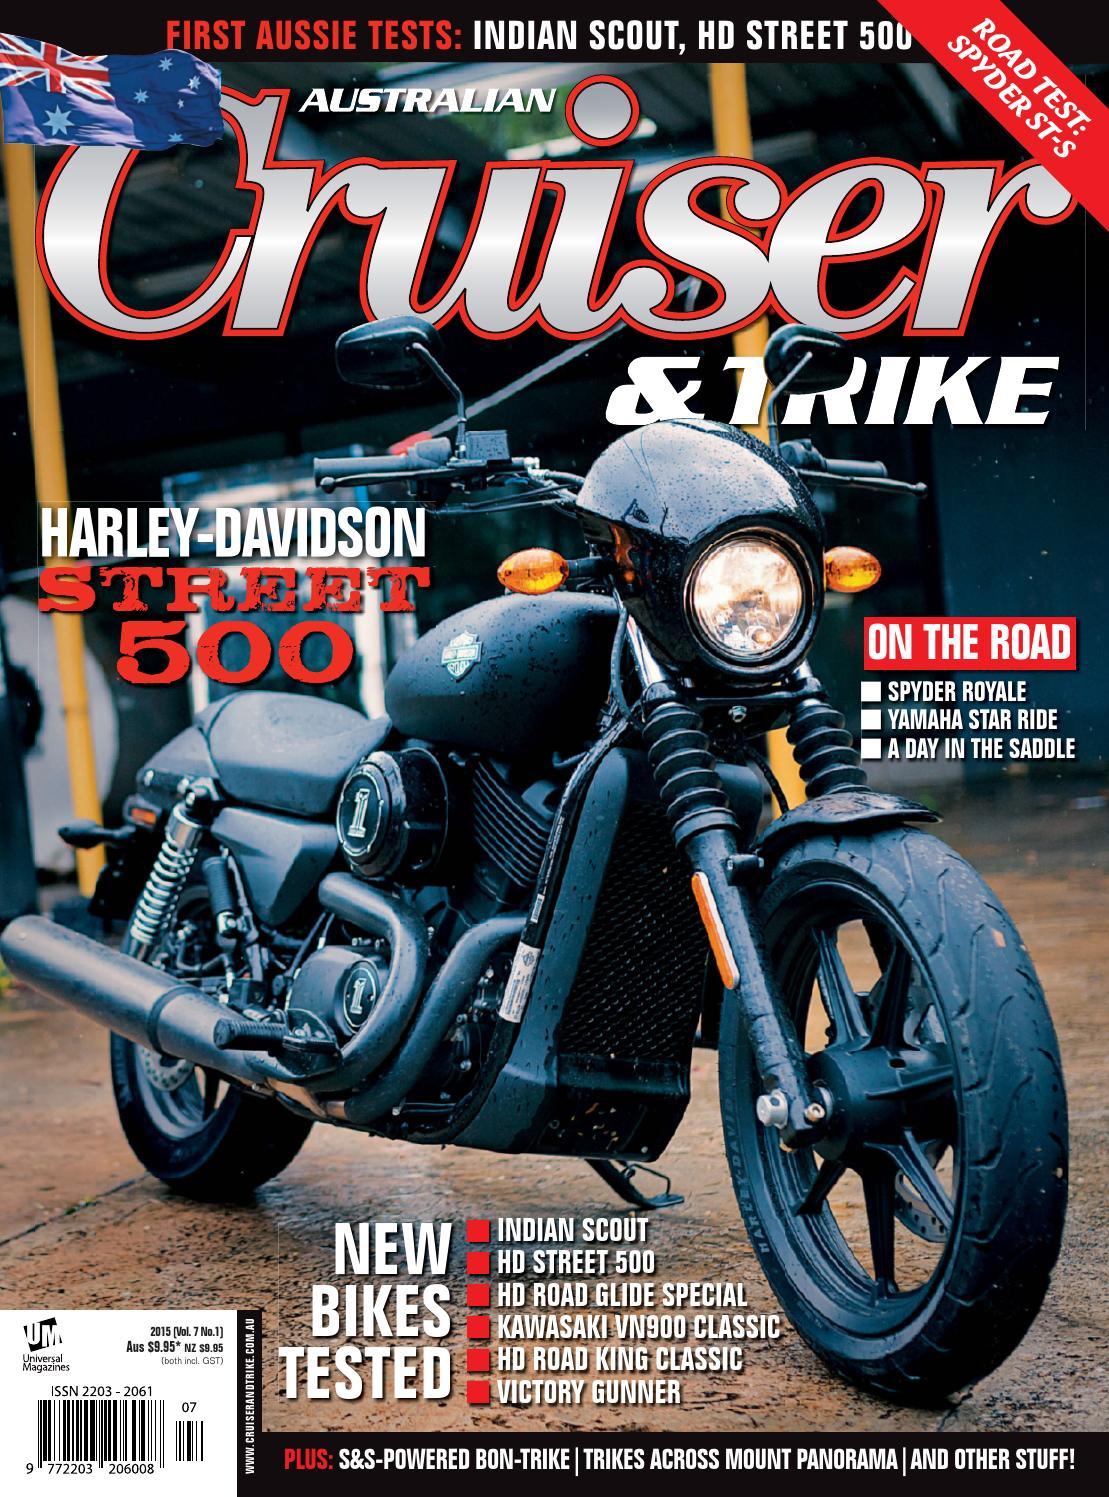 Issue#7 1 Mar 2015 by Cruiser & Trike - issuu